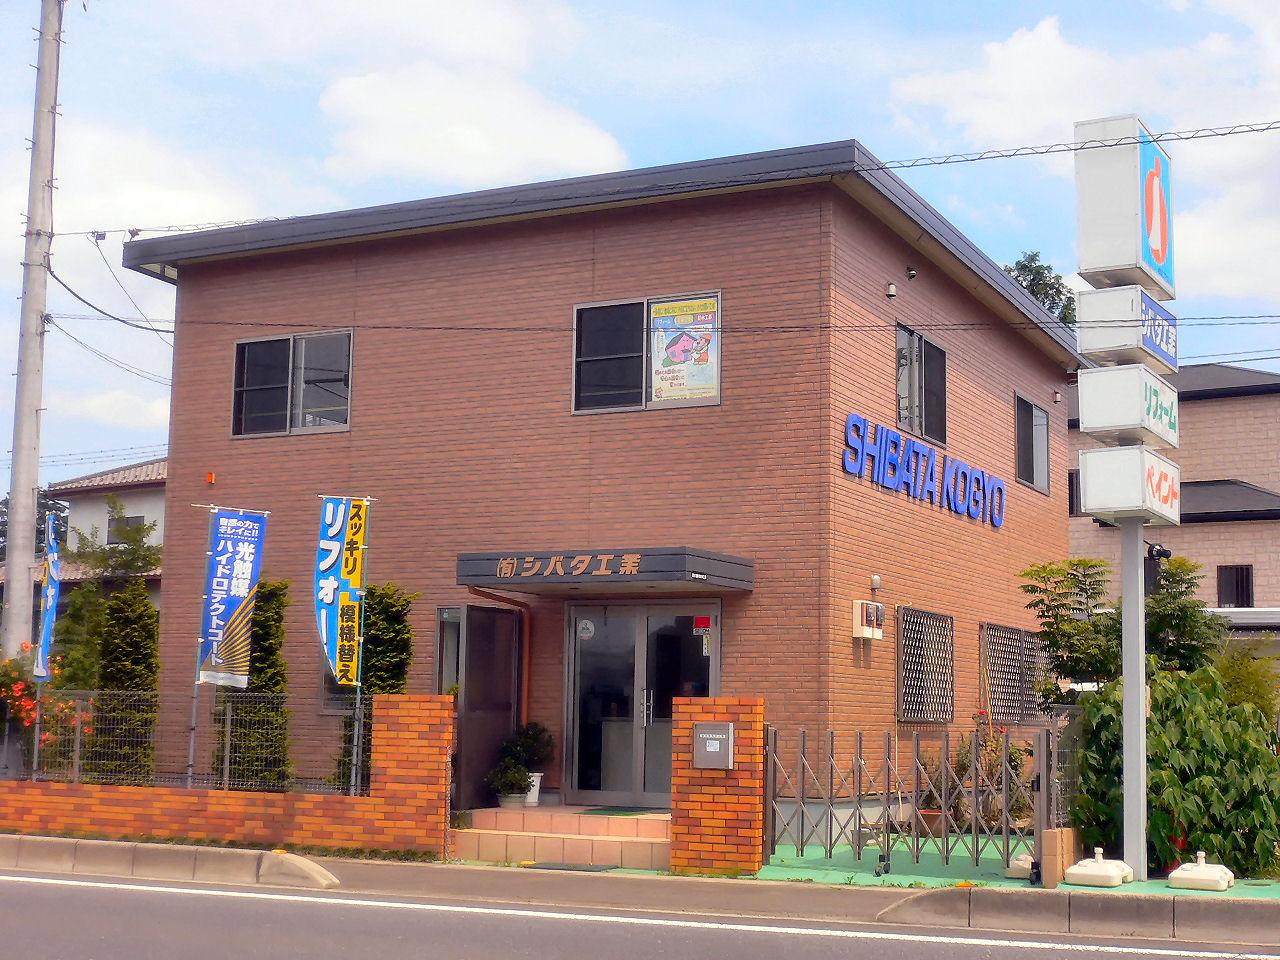 有限会社 シバタ工業(埼玉県坂戸市)の店舗イメージ